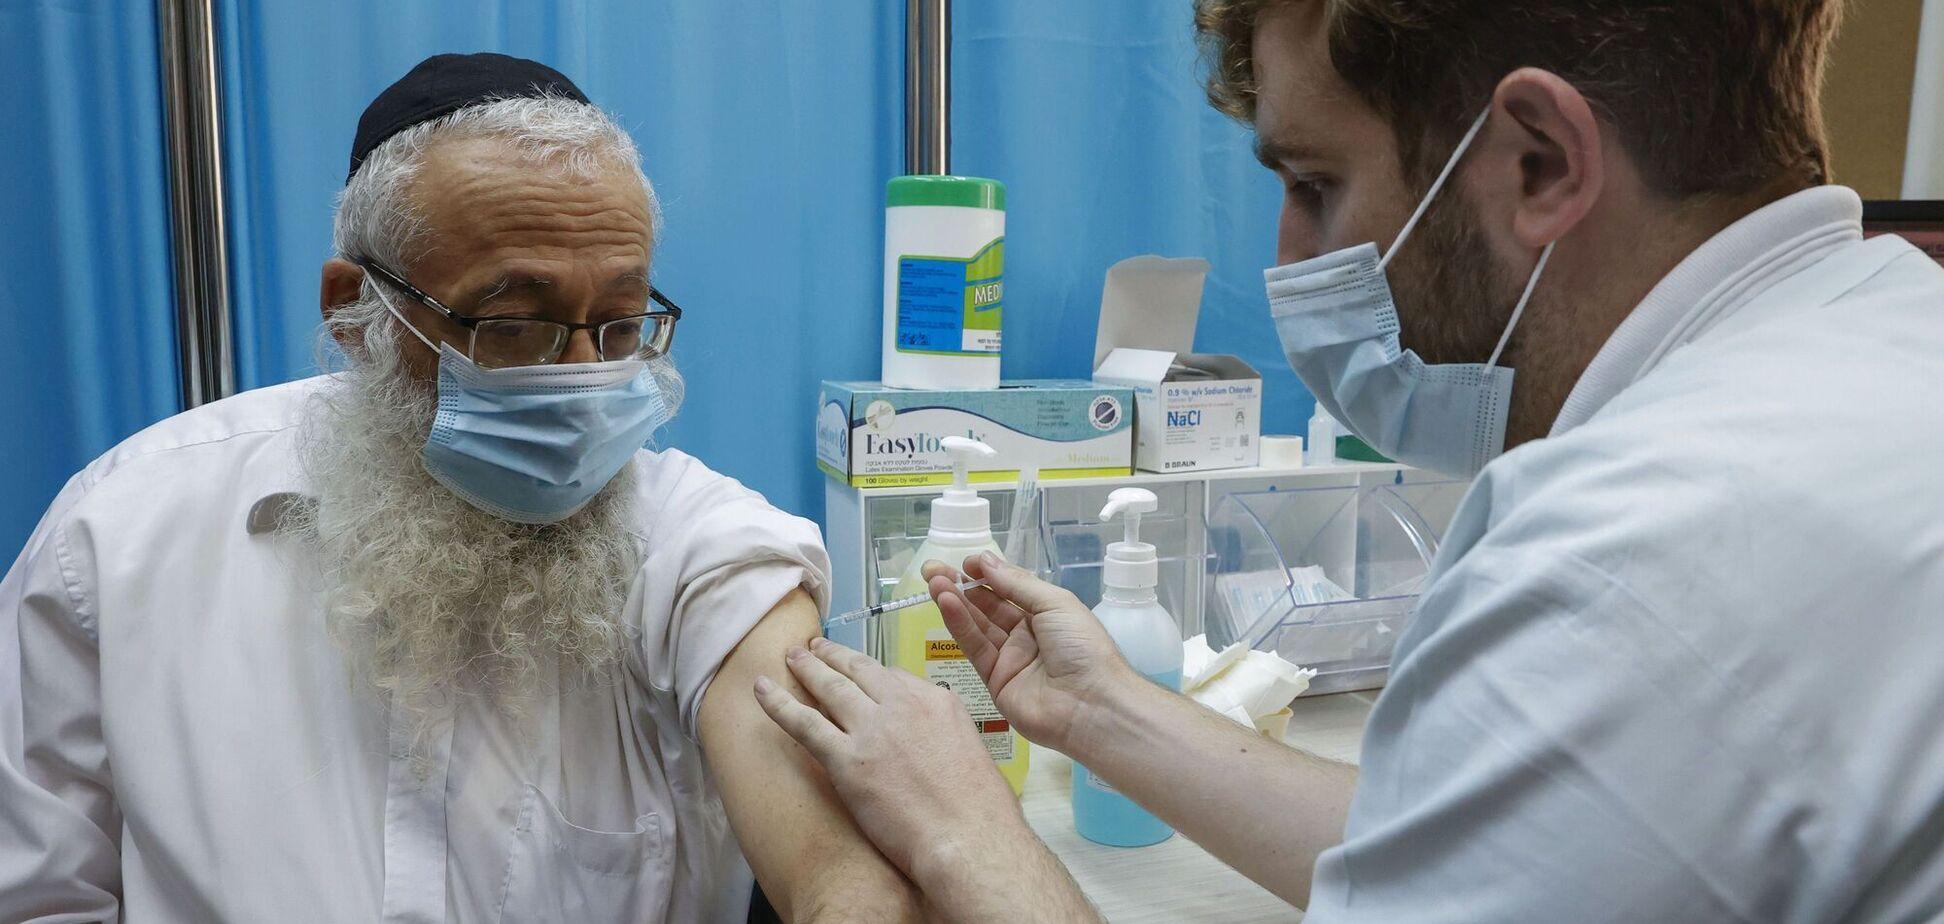 В Ізраїлі заявили, що вакцинація трьома дозами Pfizer в чотири рази ефективніша, ніж двома